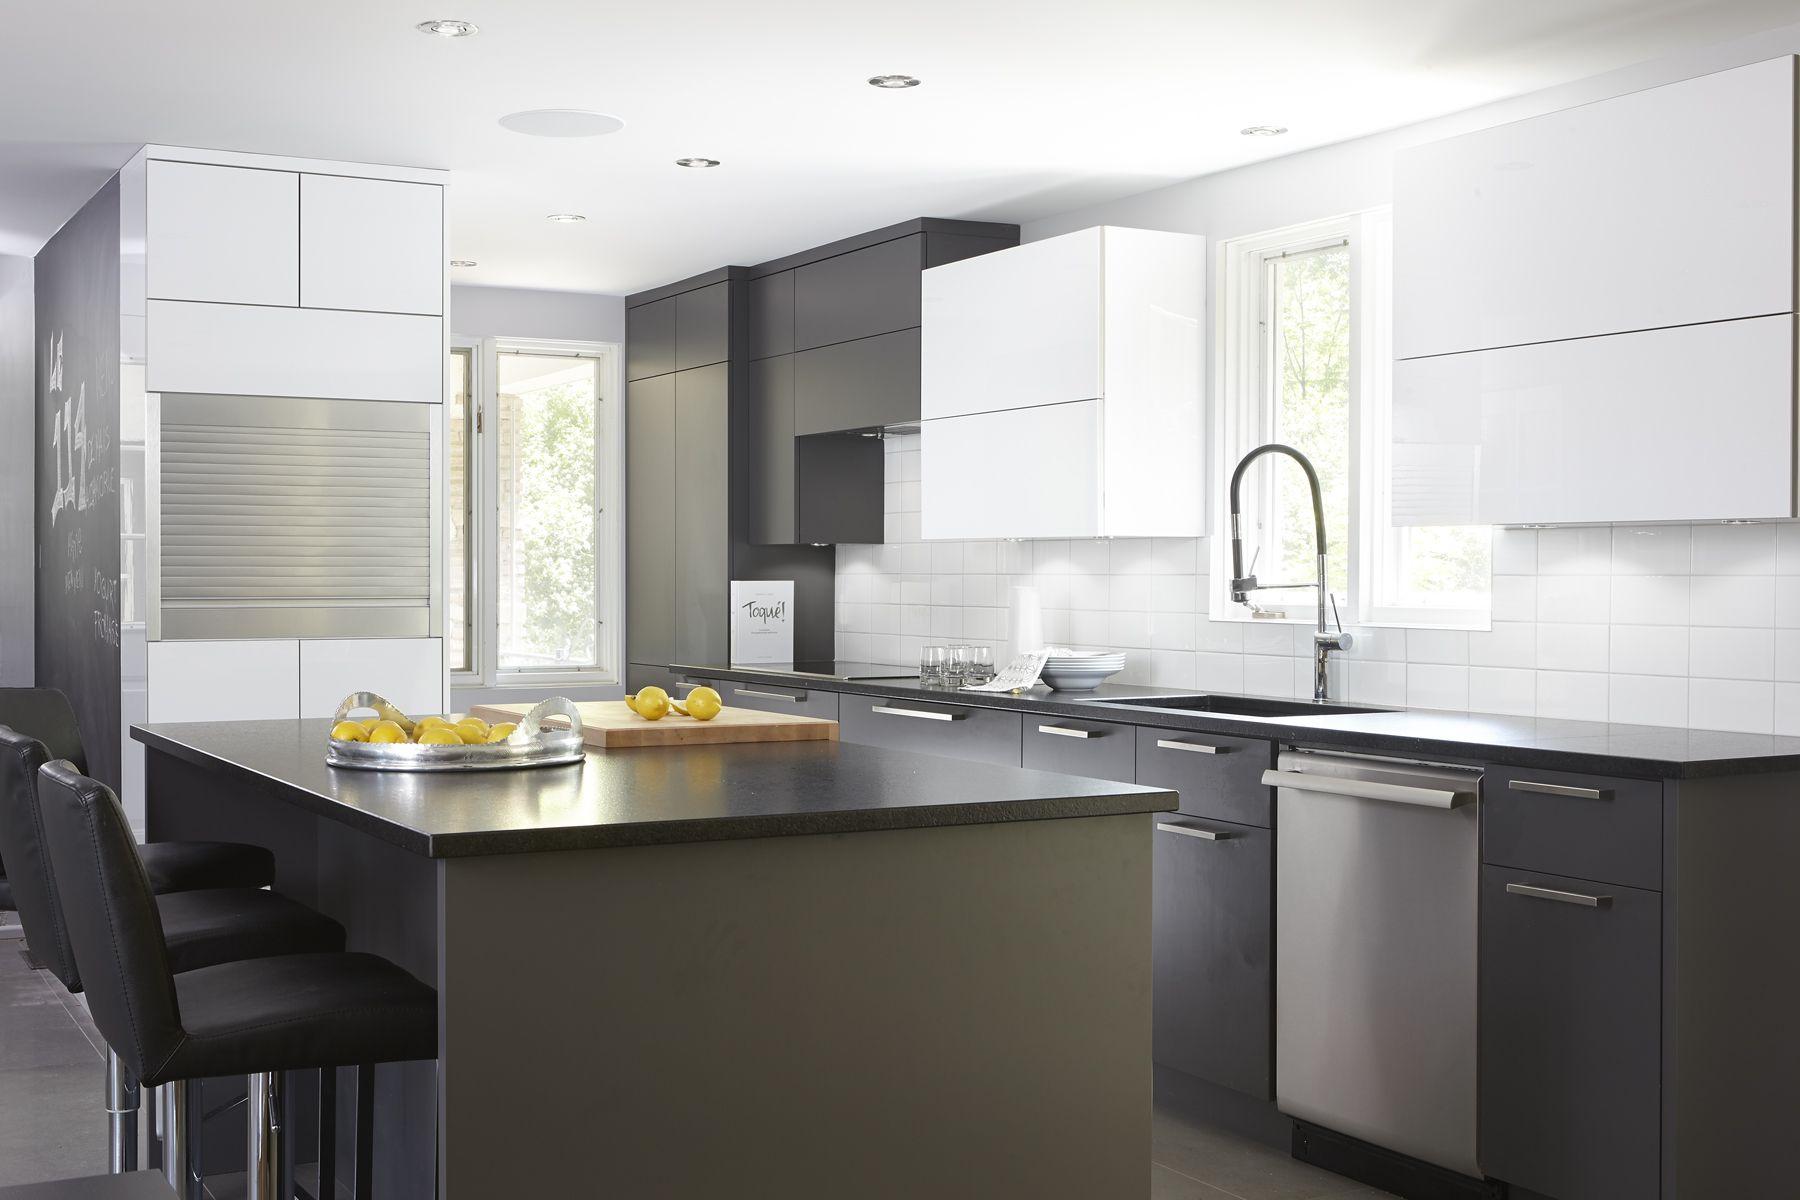 cuisine moderne compos e de panneaux d 39 armoires de cuisine. Black Bedroom Furniture Sets. Home Design Ideas